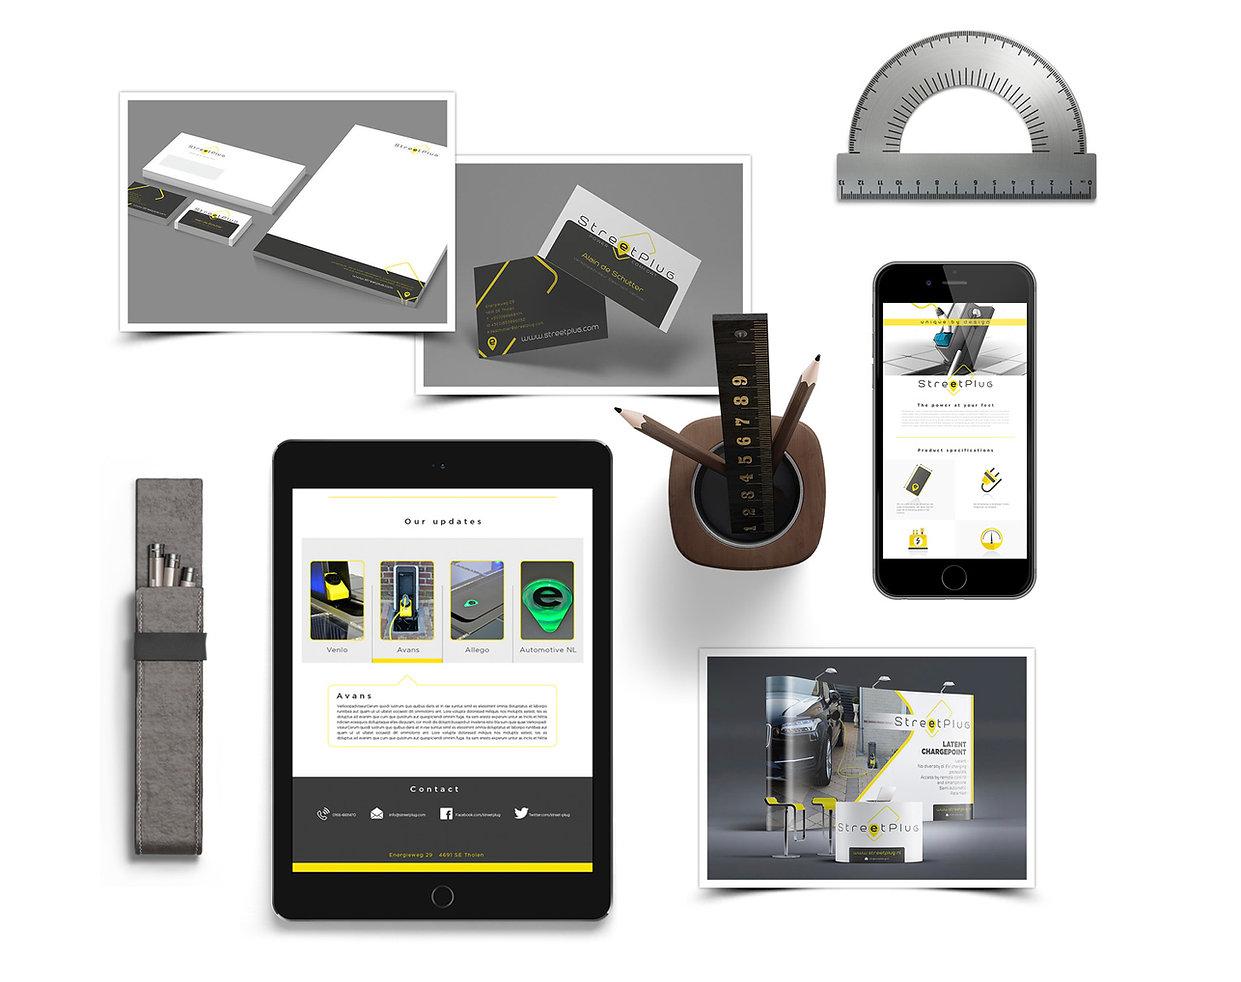 Streetplug via Designstein